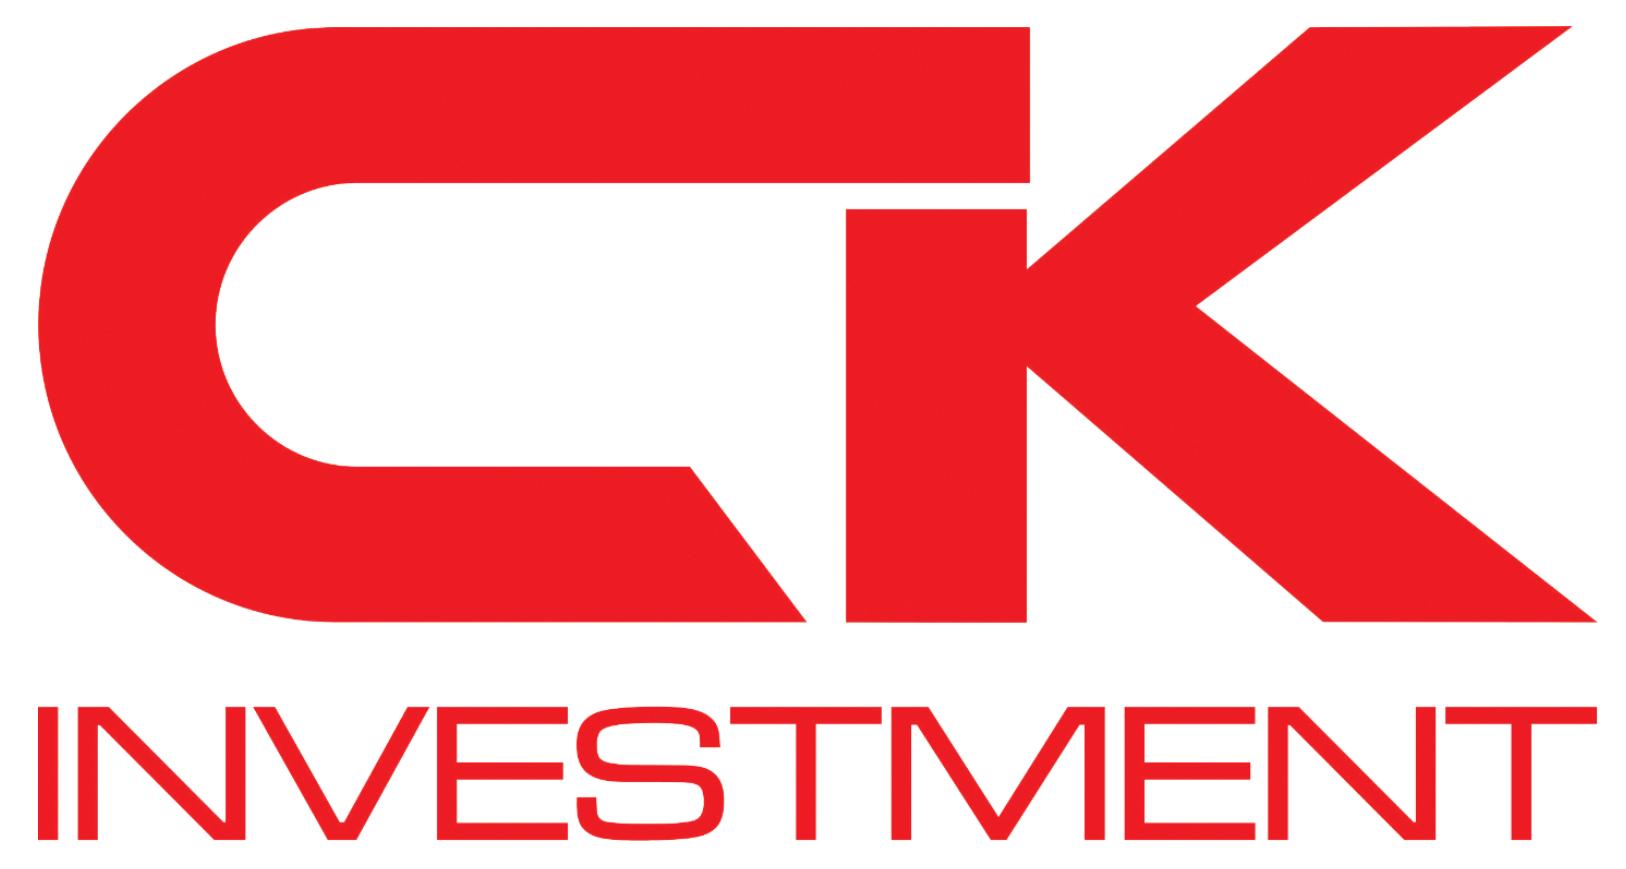 CKInvestment